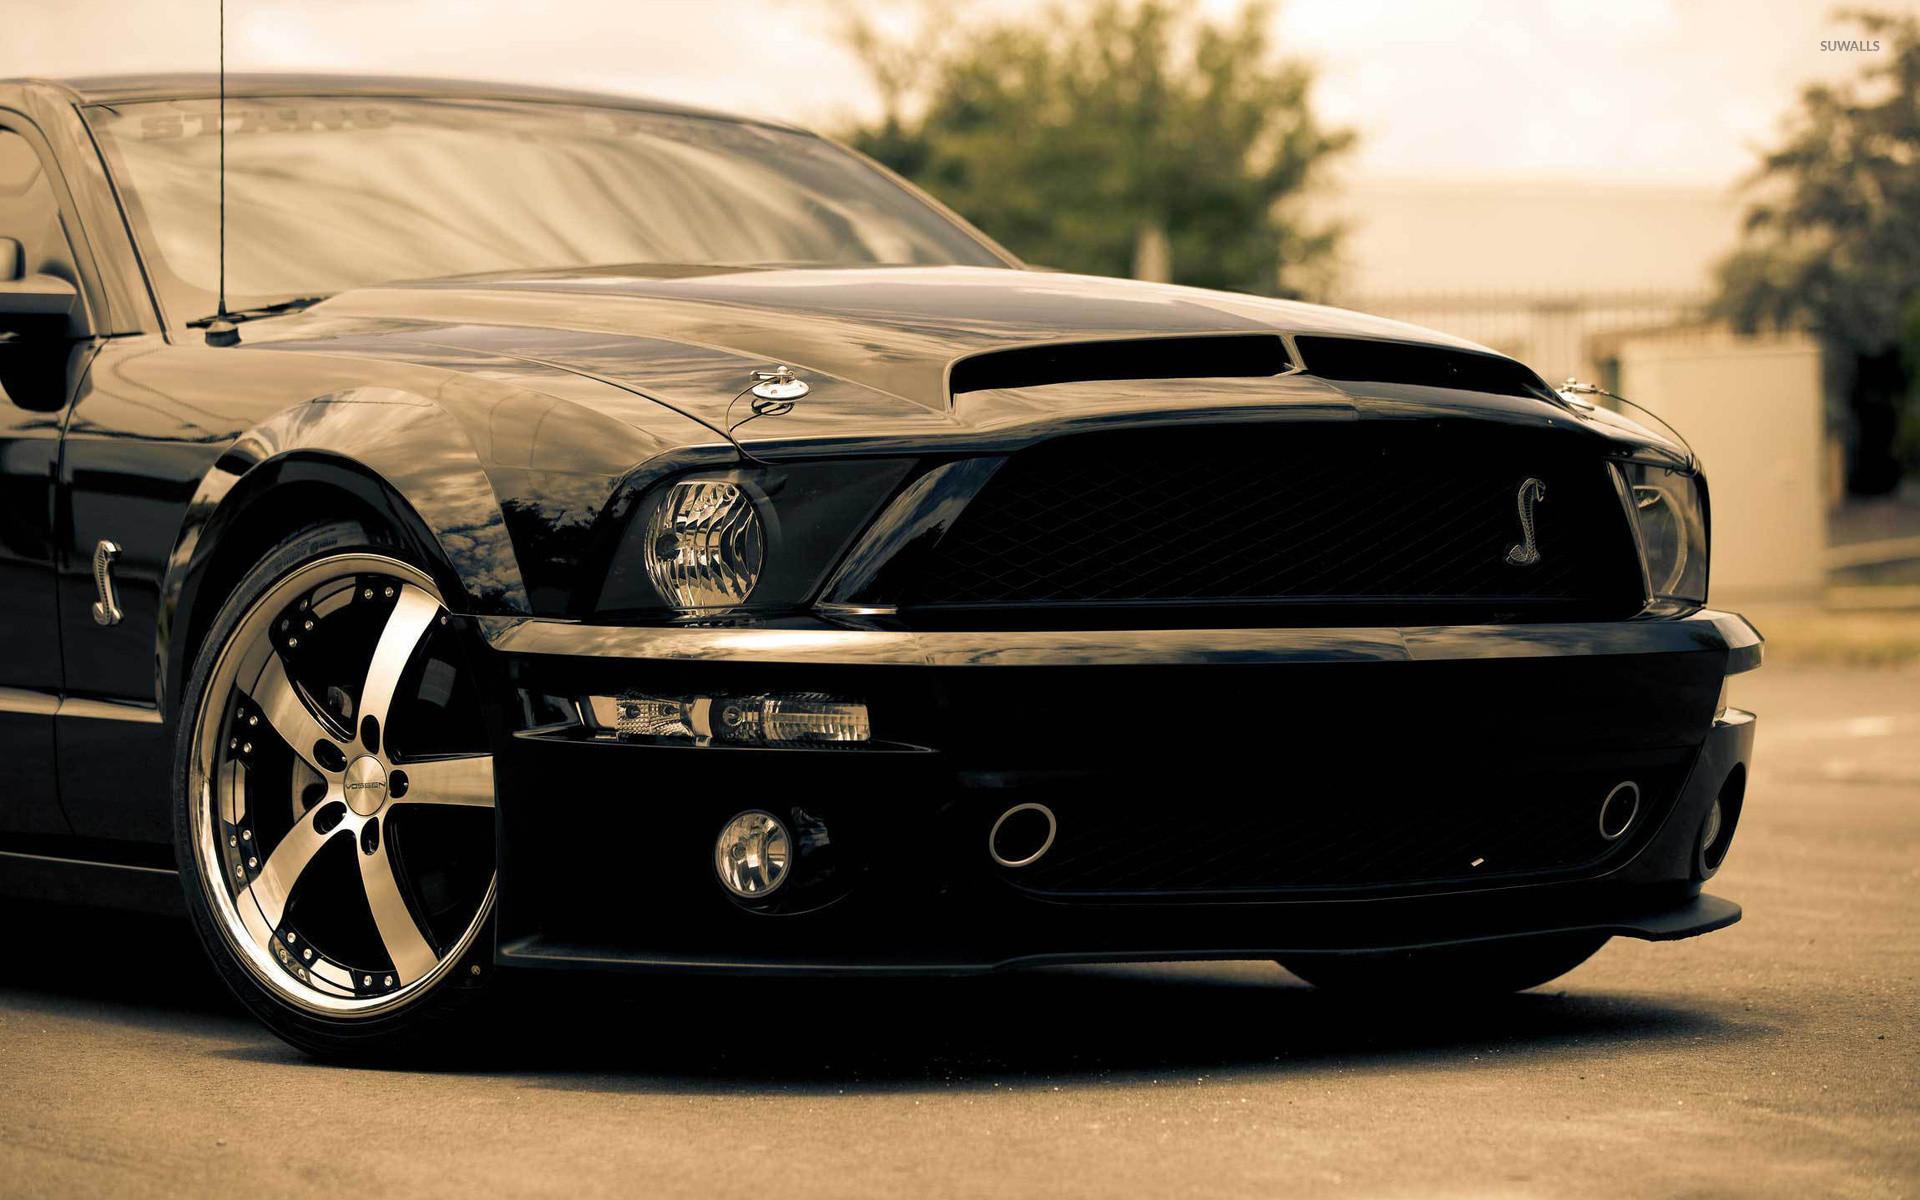 Shelby Mustang wallpaper jpg